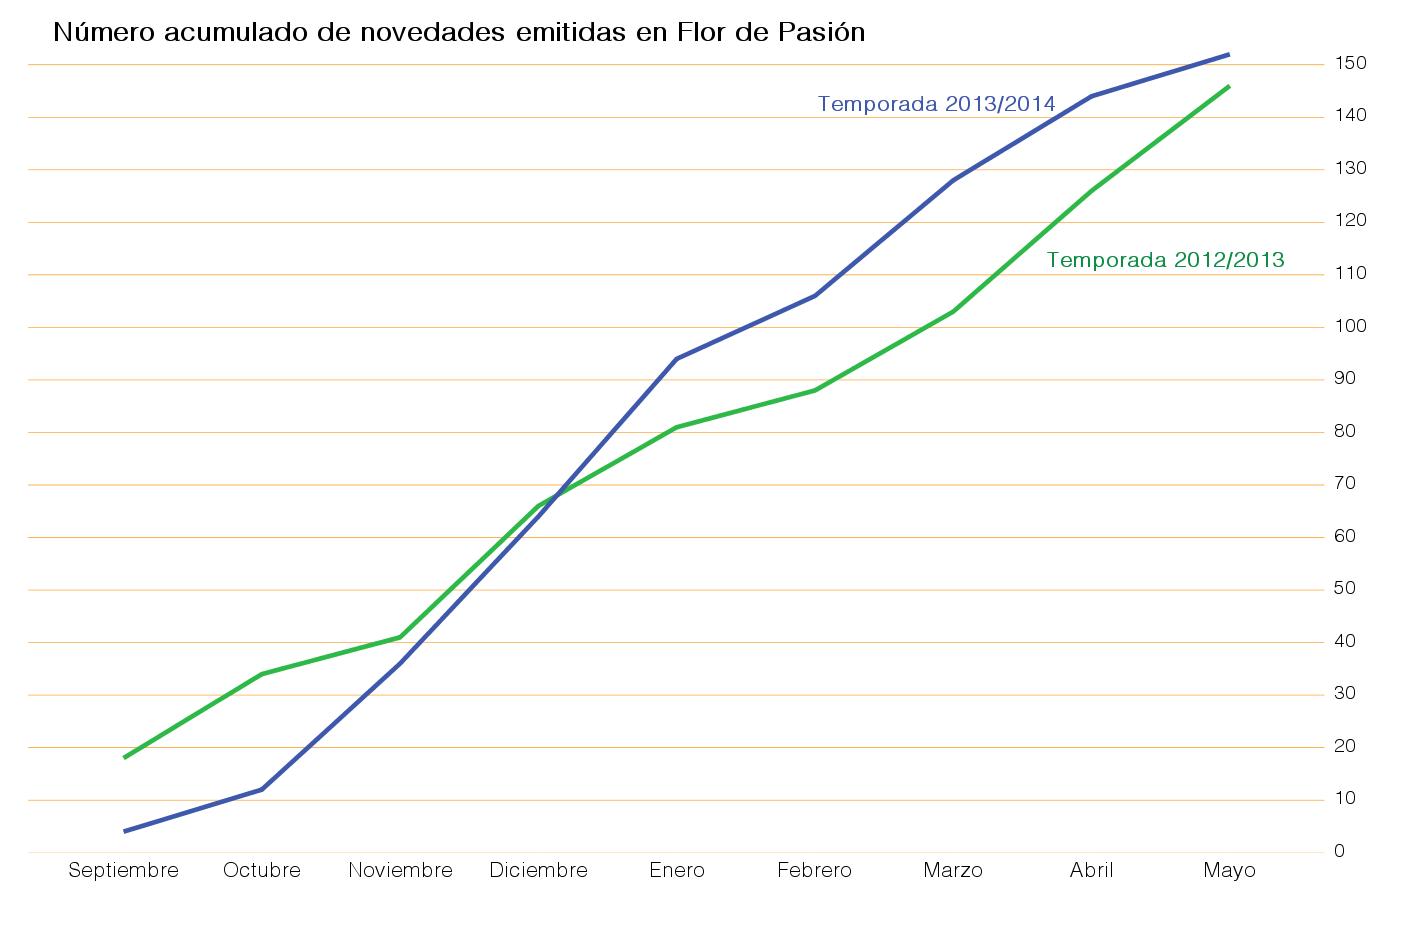 número acumulado de novedades emitidas en los 9 primeros meses, comparación entre la temporada 2013/2014 y la anterior